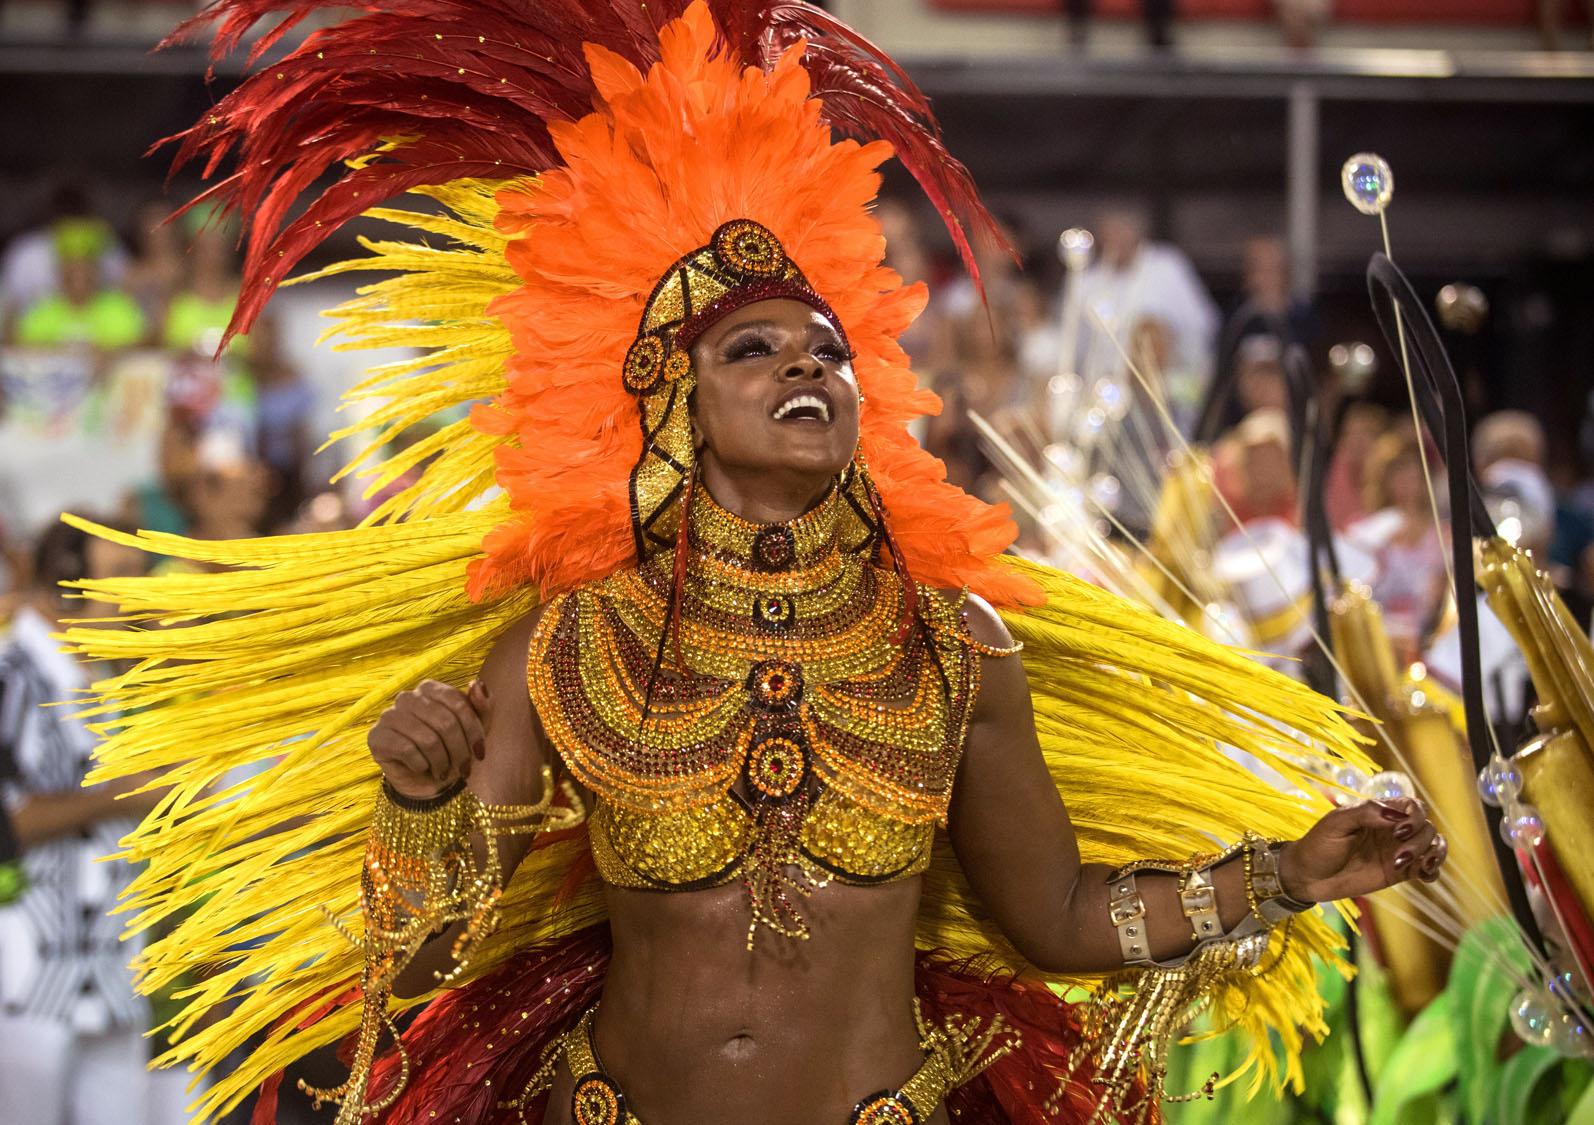 2017 Rio Carnival – Day 1